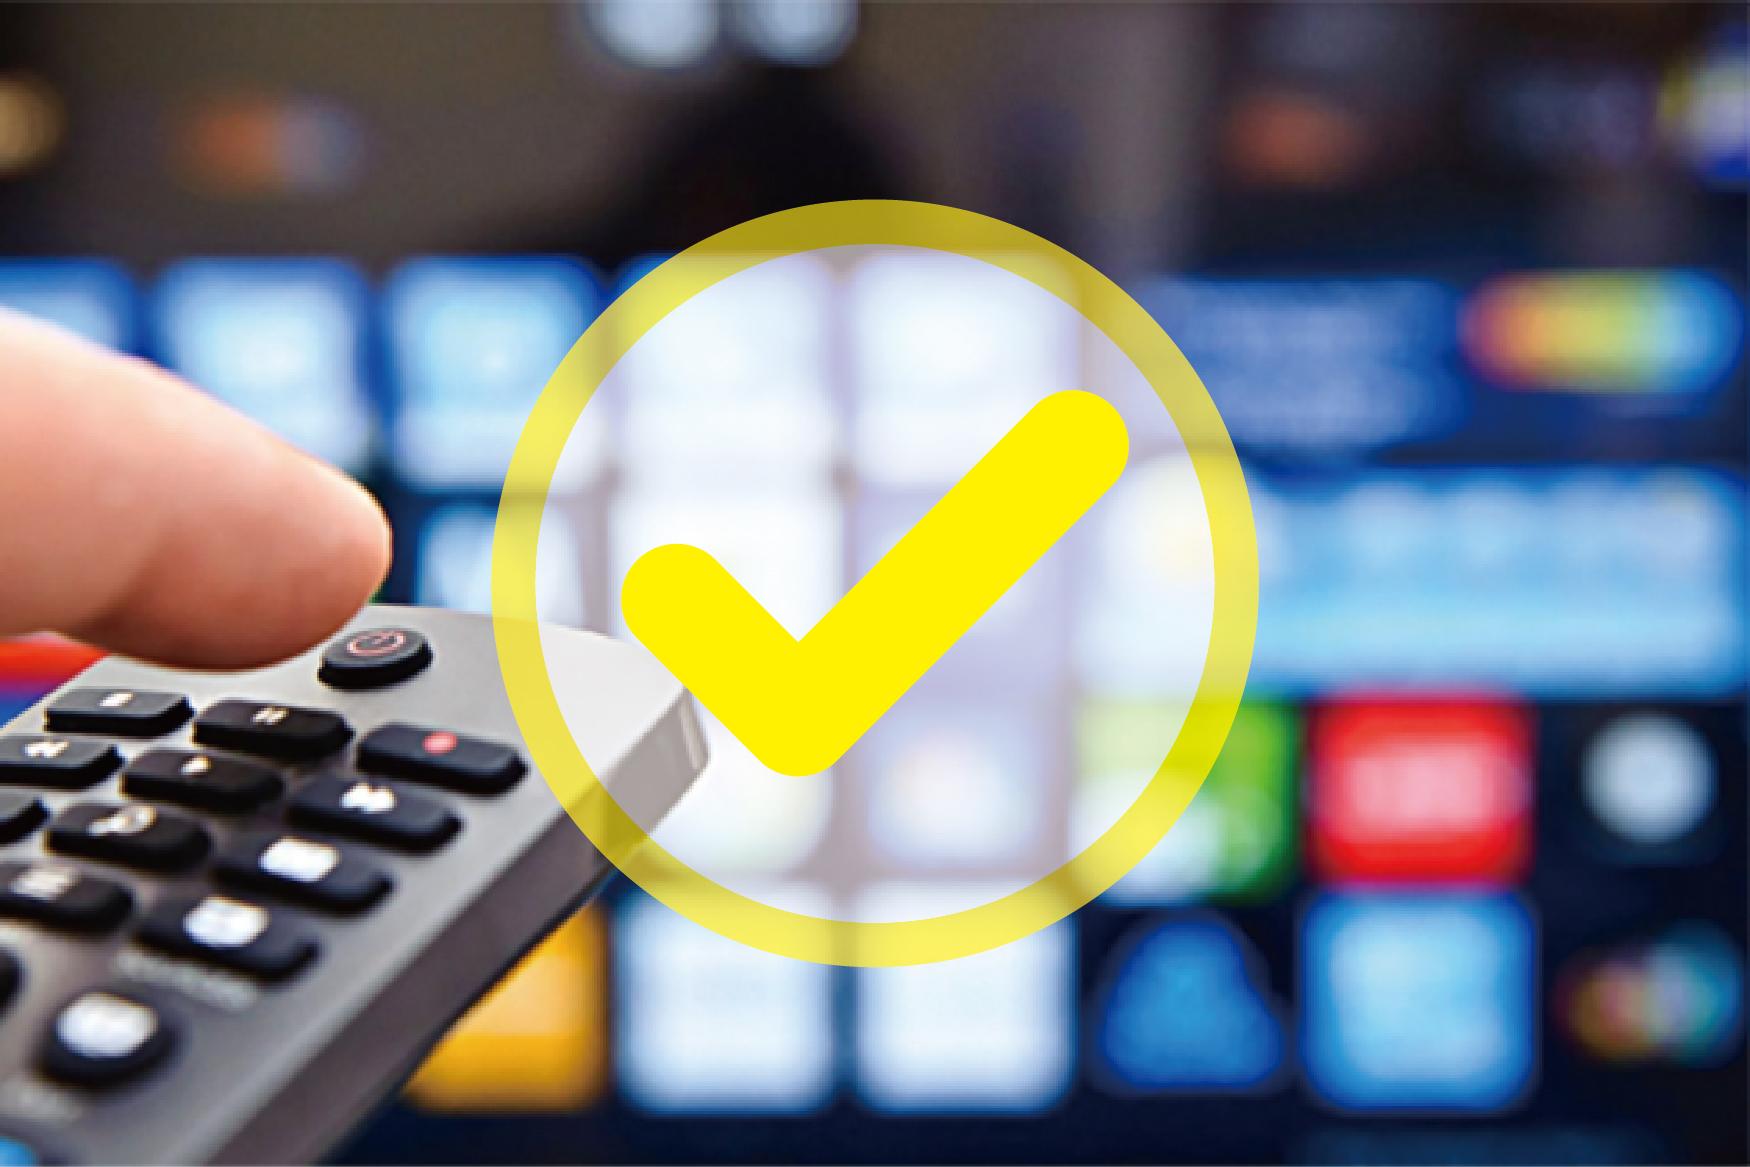 中視、MOMO親子台 NCC有條件許可換照